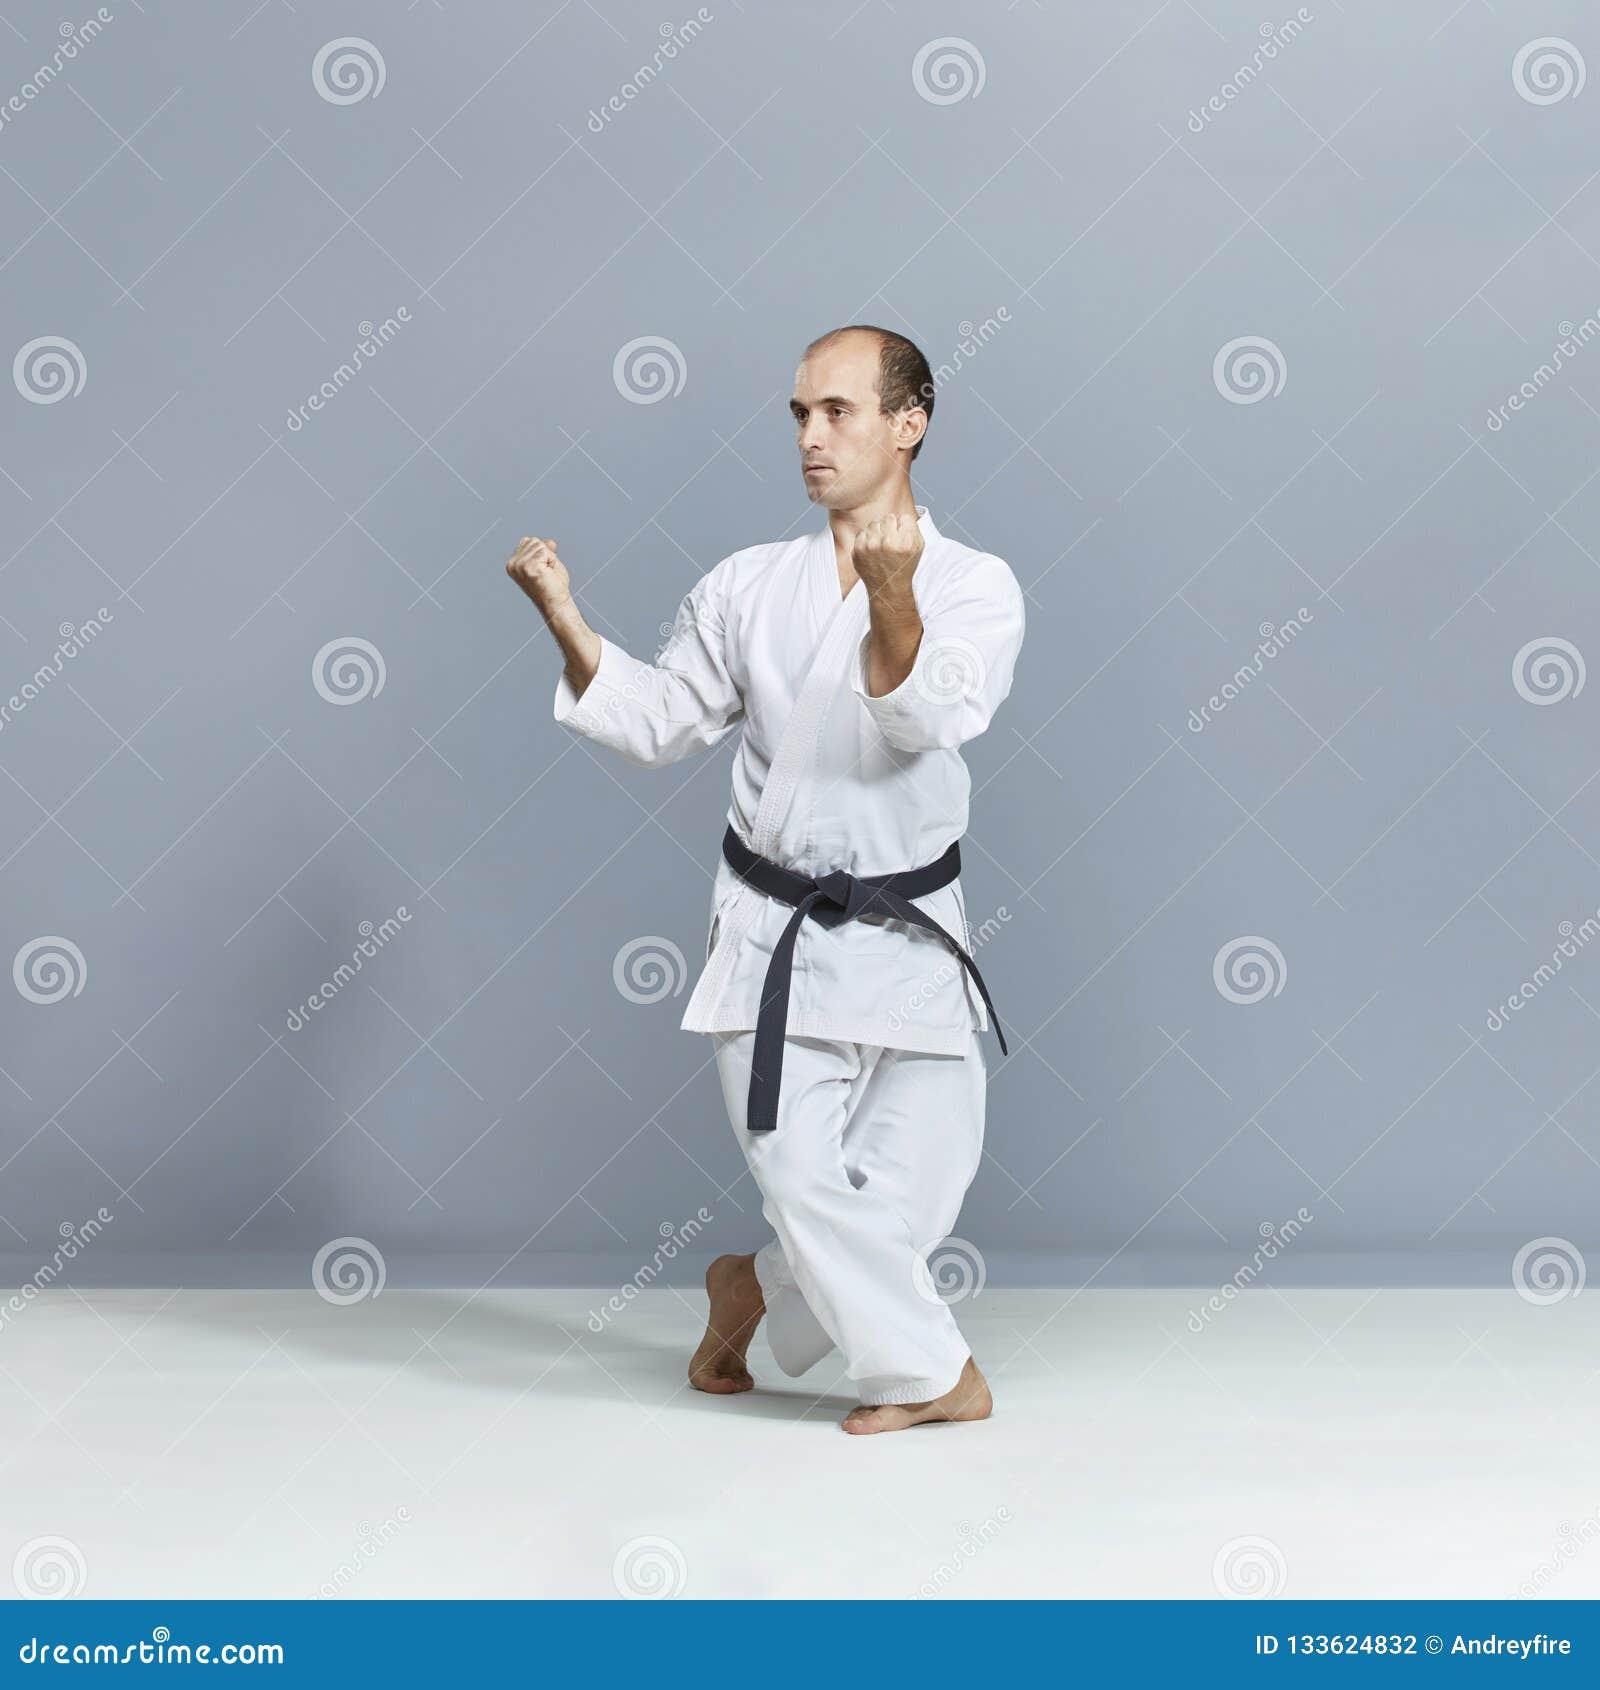 Athlet mit einem schwarzen Gürtel und einem weißen karategi bildet formal Karateübungen aus